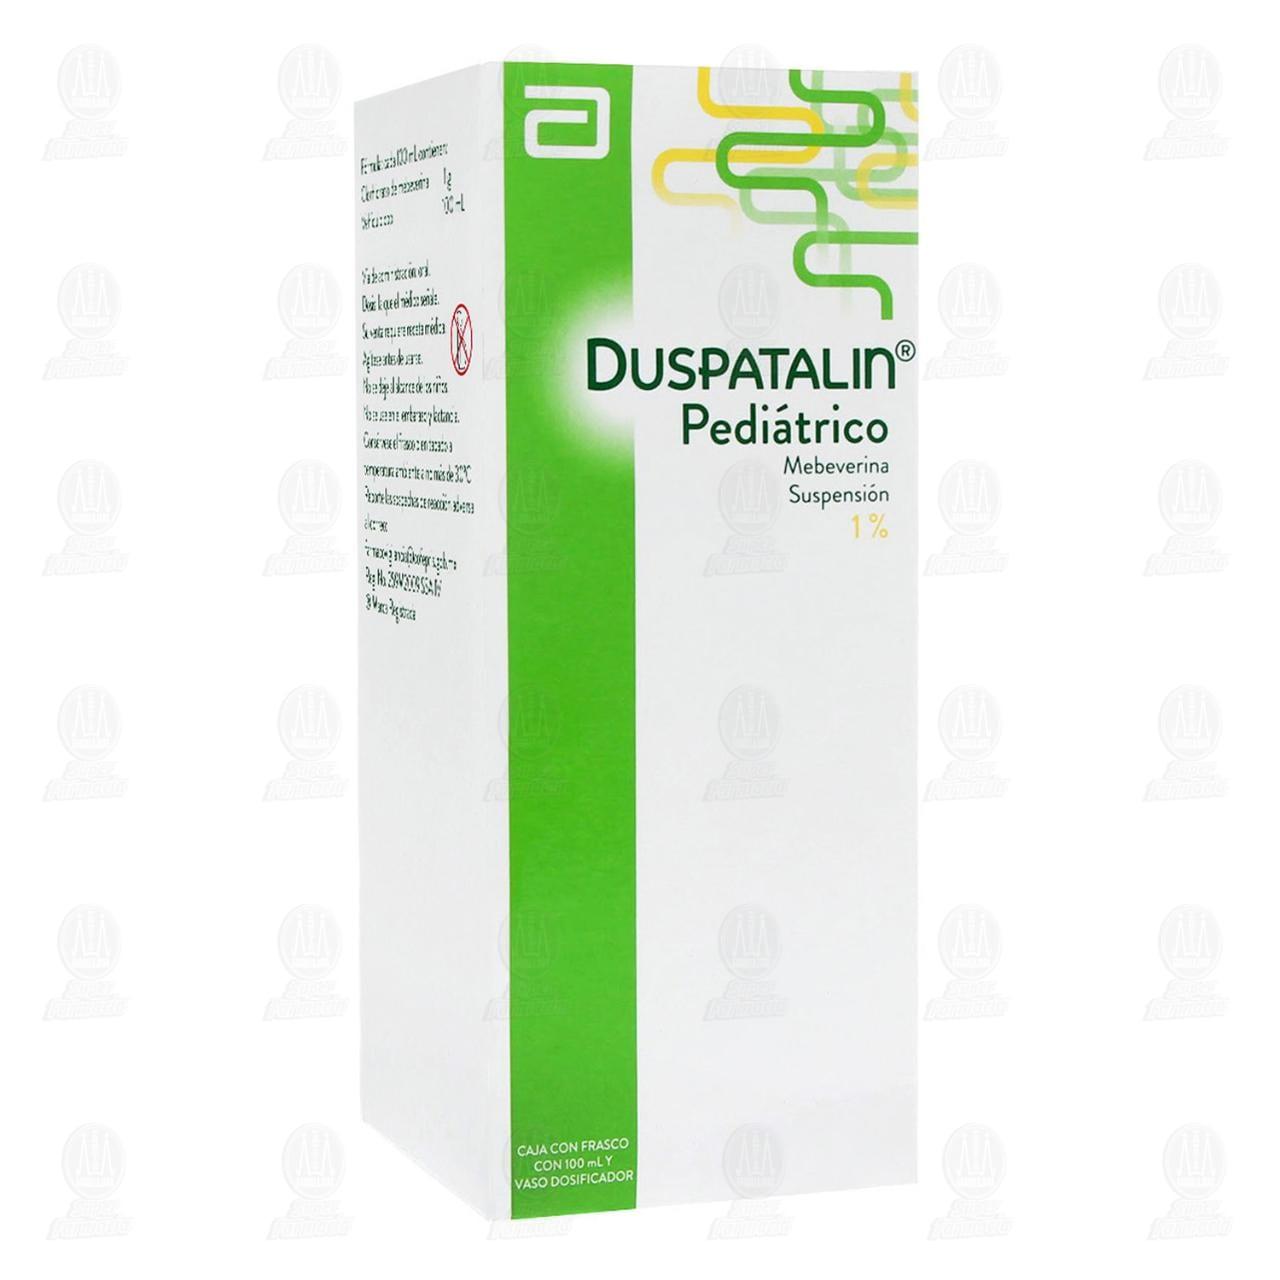 Comprar Duspatalin Pediátrico Suspensión 1% 100ml en Farmacias Guadalajara